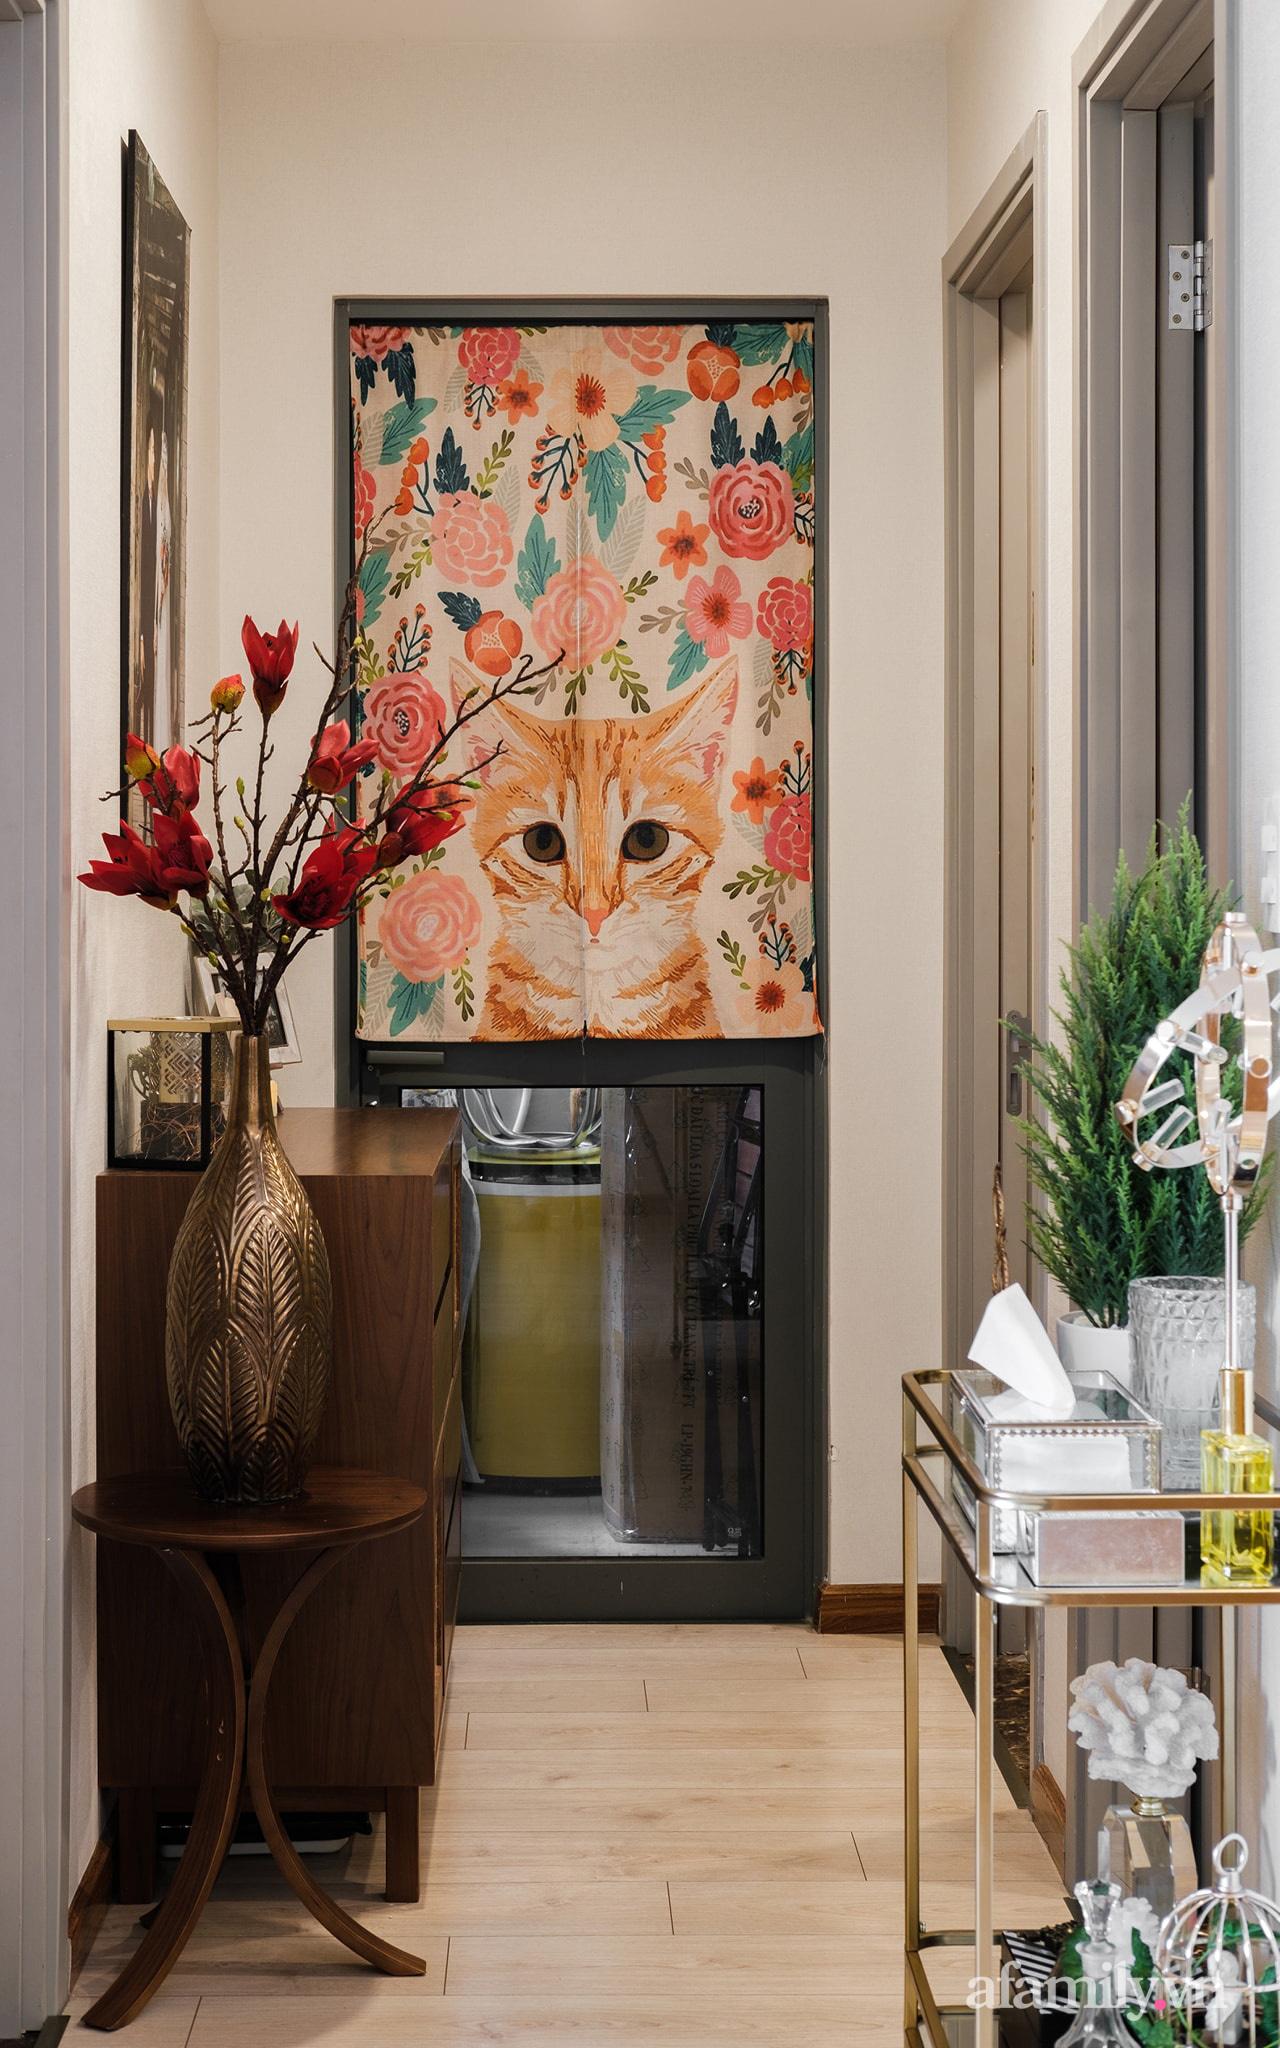 Căn hộ 70m² màu nâu trầm đẹp sang chảnh với chi phí hoàn thiện nội thất 400 triệu đồng ở Sài Gòn - Ảnh 15.